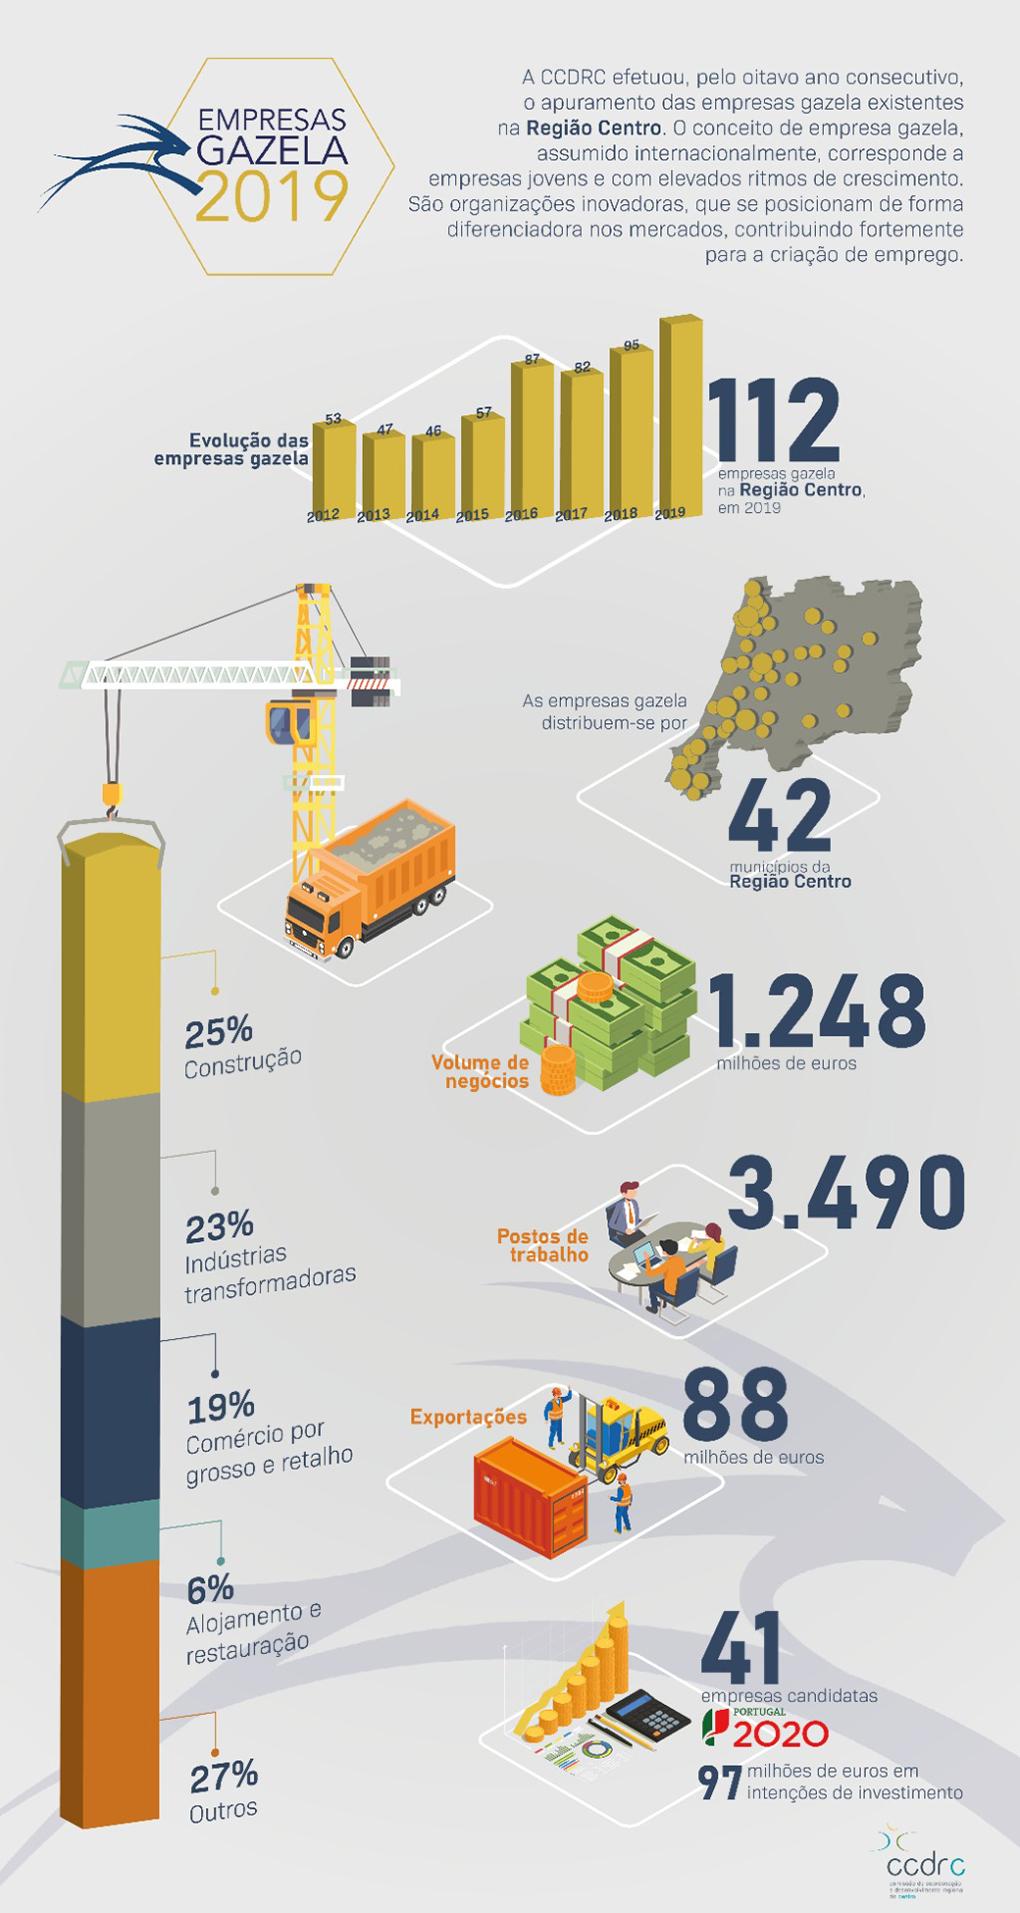 infografia empresas gazela 2019